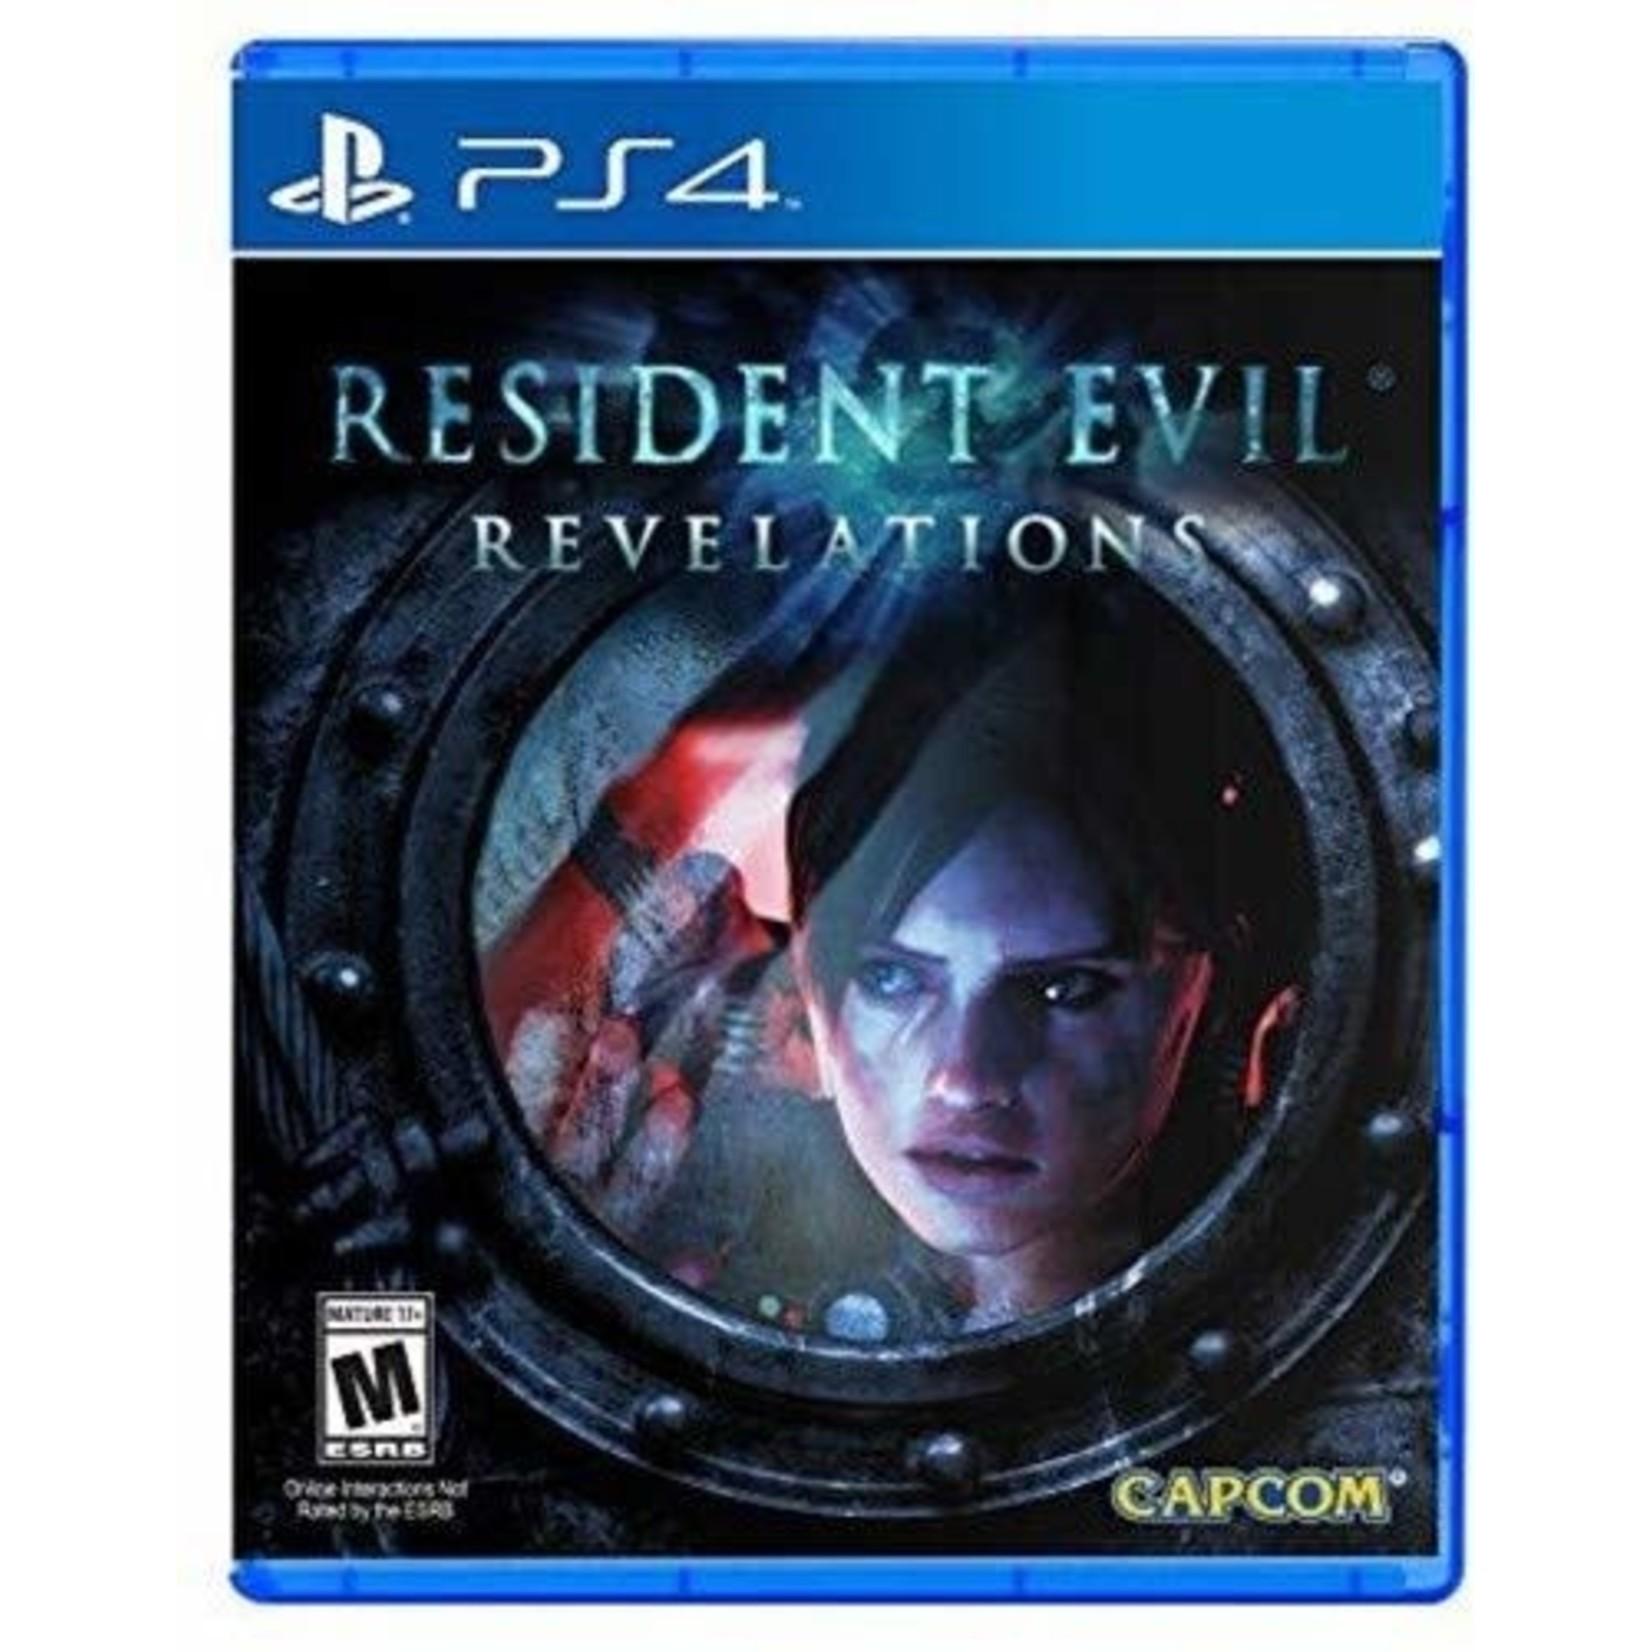 PS4-Resident Evil Revelations